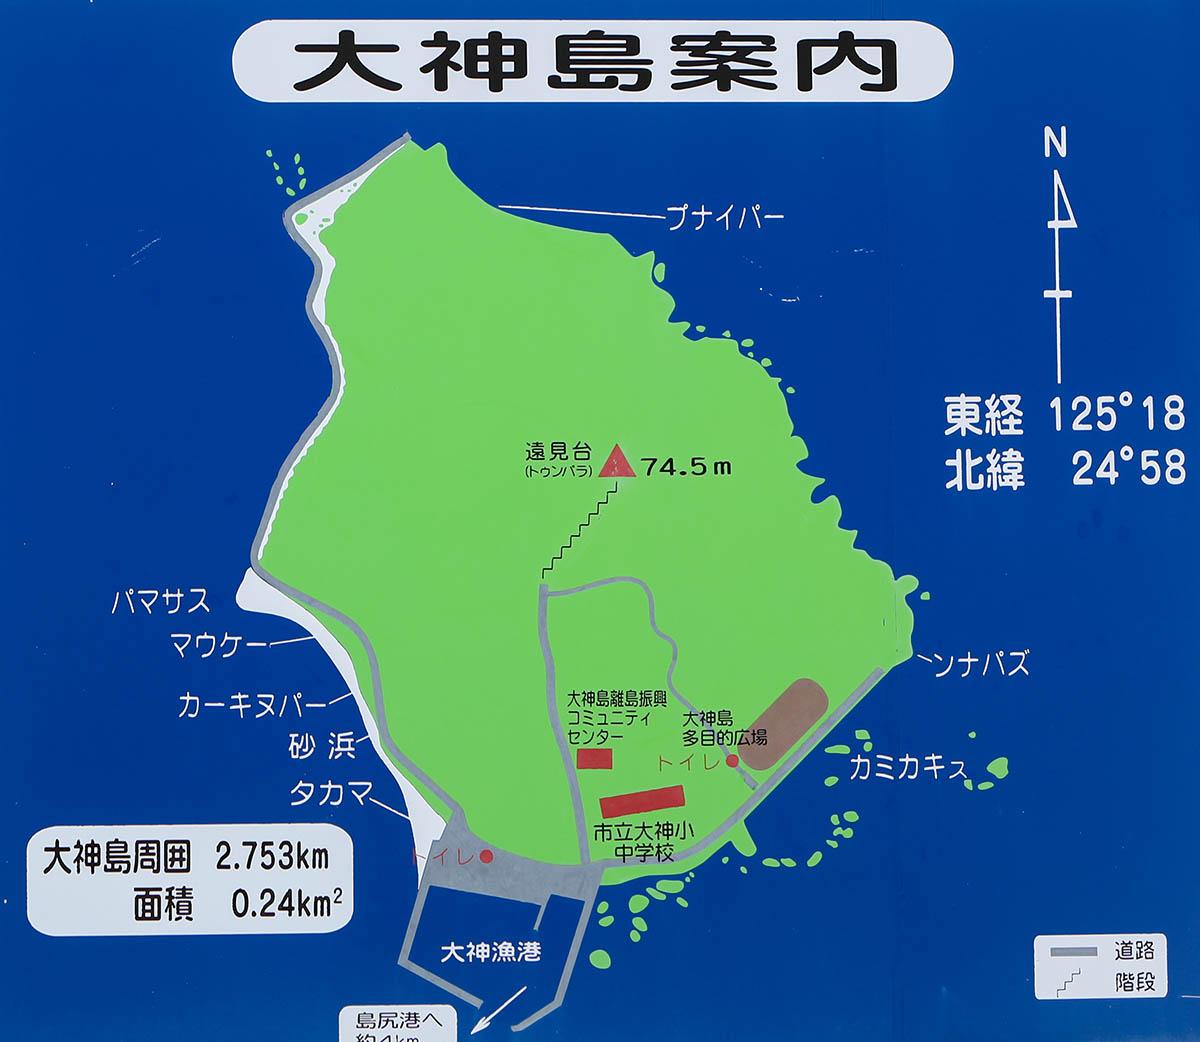 大神島案内 地図(マップ)